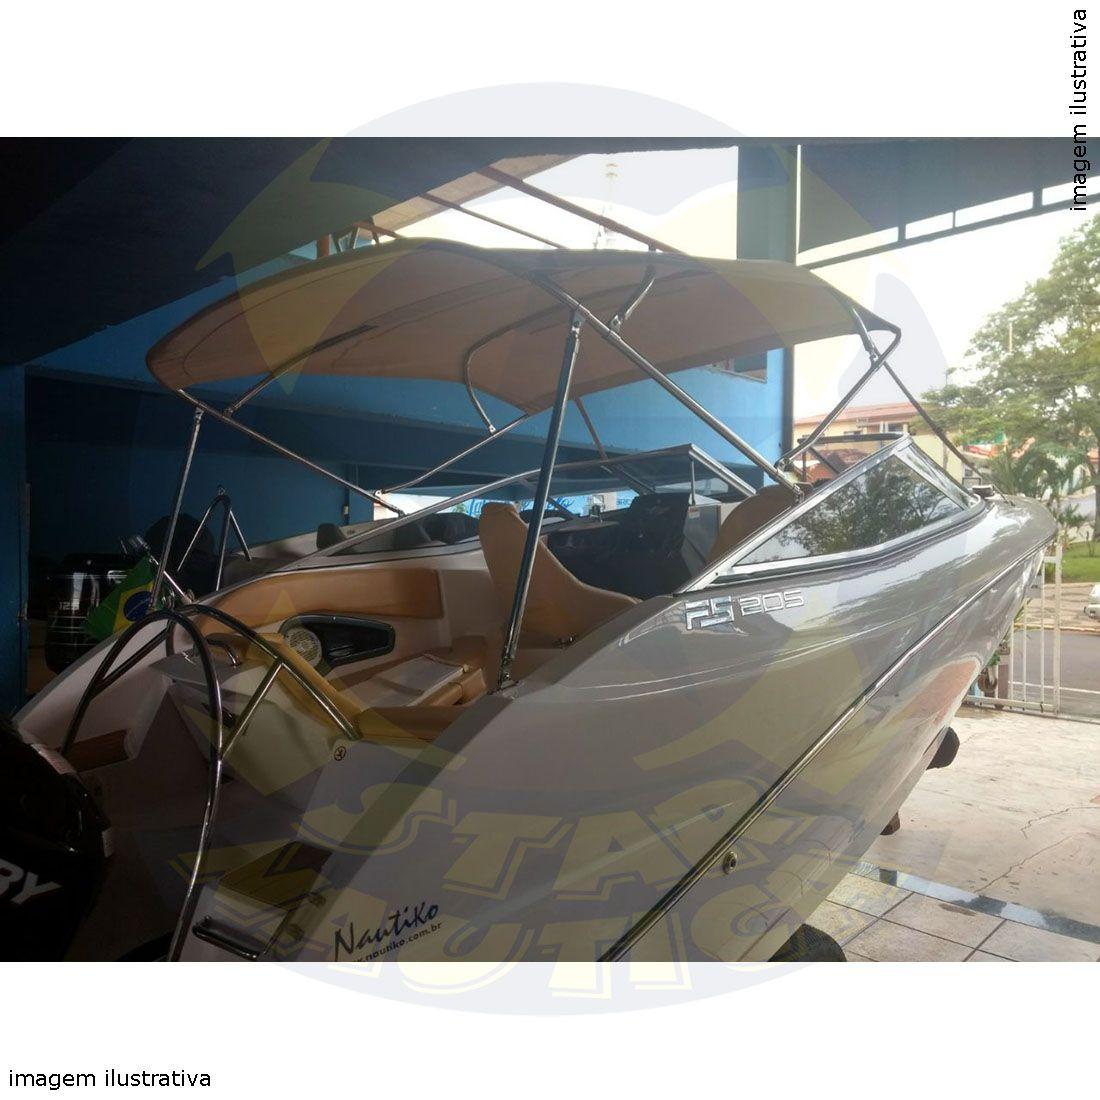 Capota Toldo Lancha Focker 215 Acrílica 4 Arcos Tubo 7/8